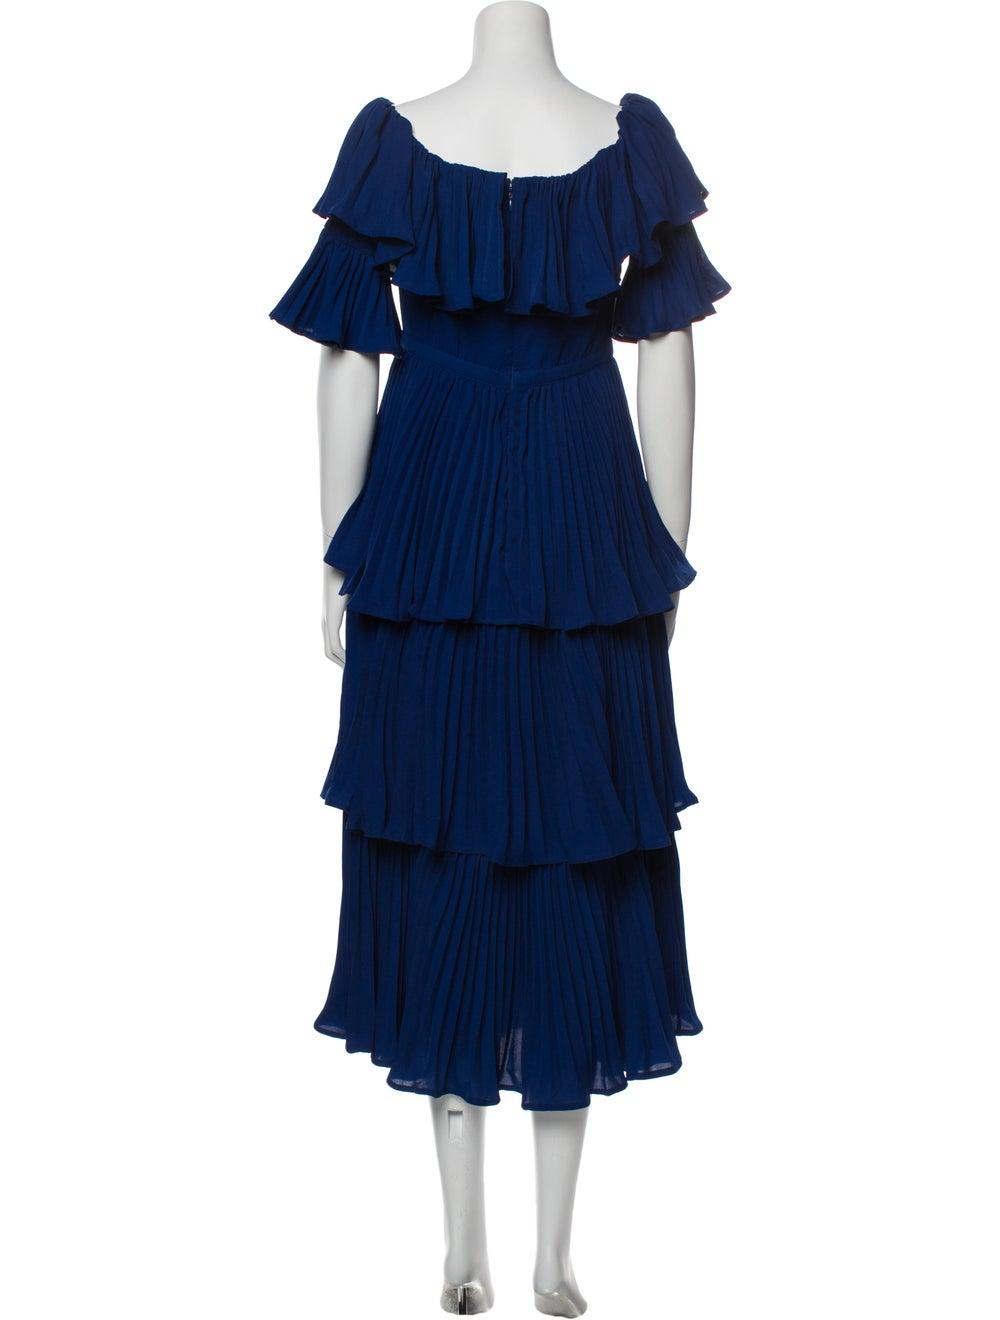 Self-Portrait Scoop Neck Long Dress Blue - image 3